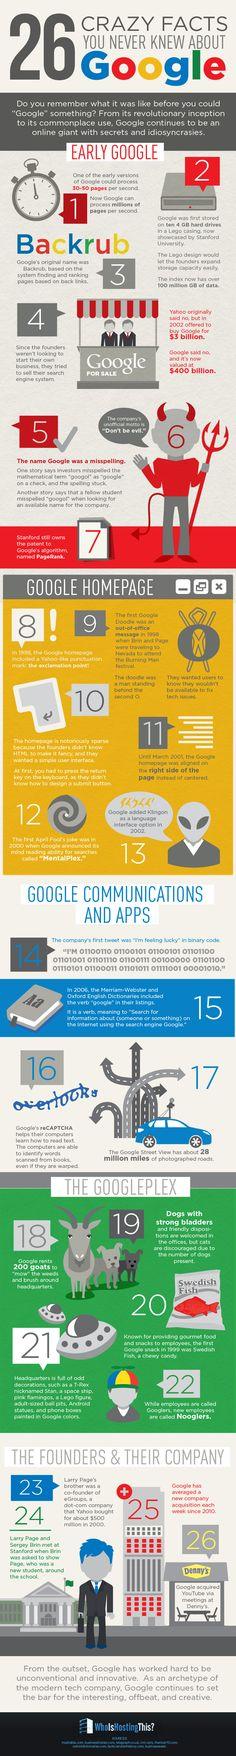 31 octobre 2014 - Une infographie qui fournit de nombreuses anecdotes amusantes et surprenantes sur Google. Les connaissiez-vous réellemeent toutes ?... Notre infographie du par Actualité Abondance